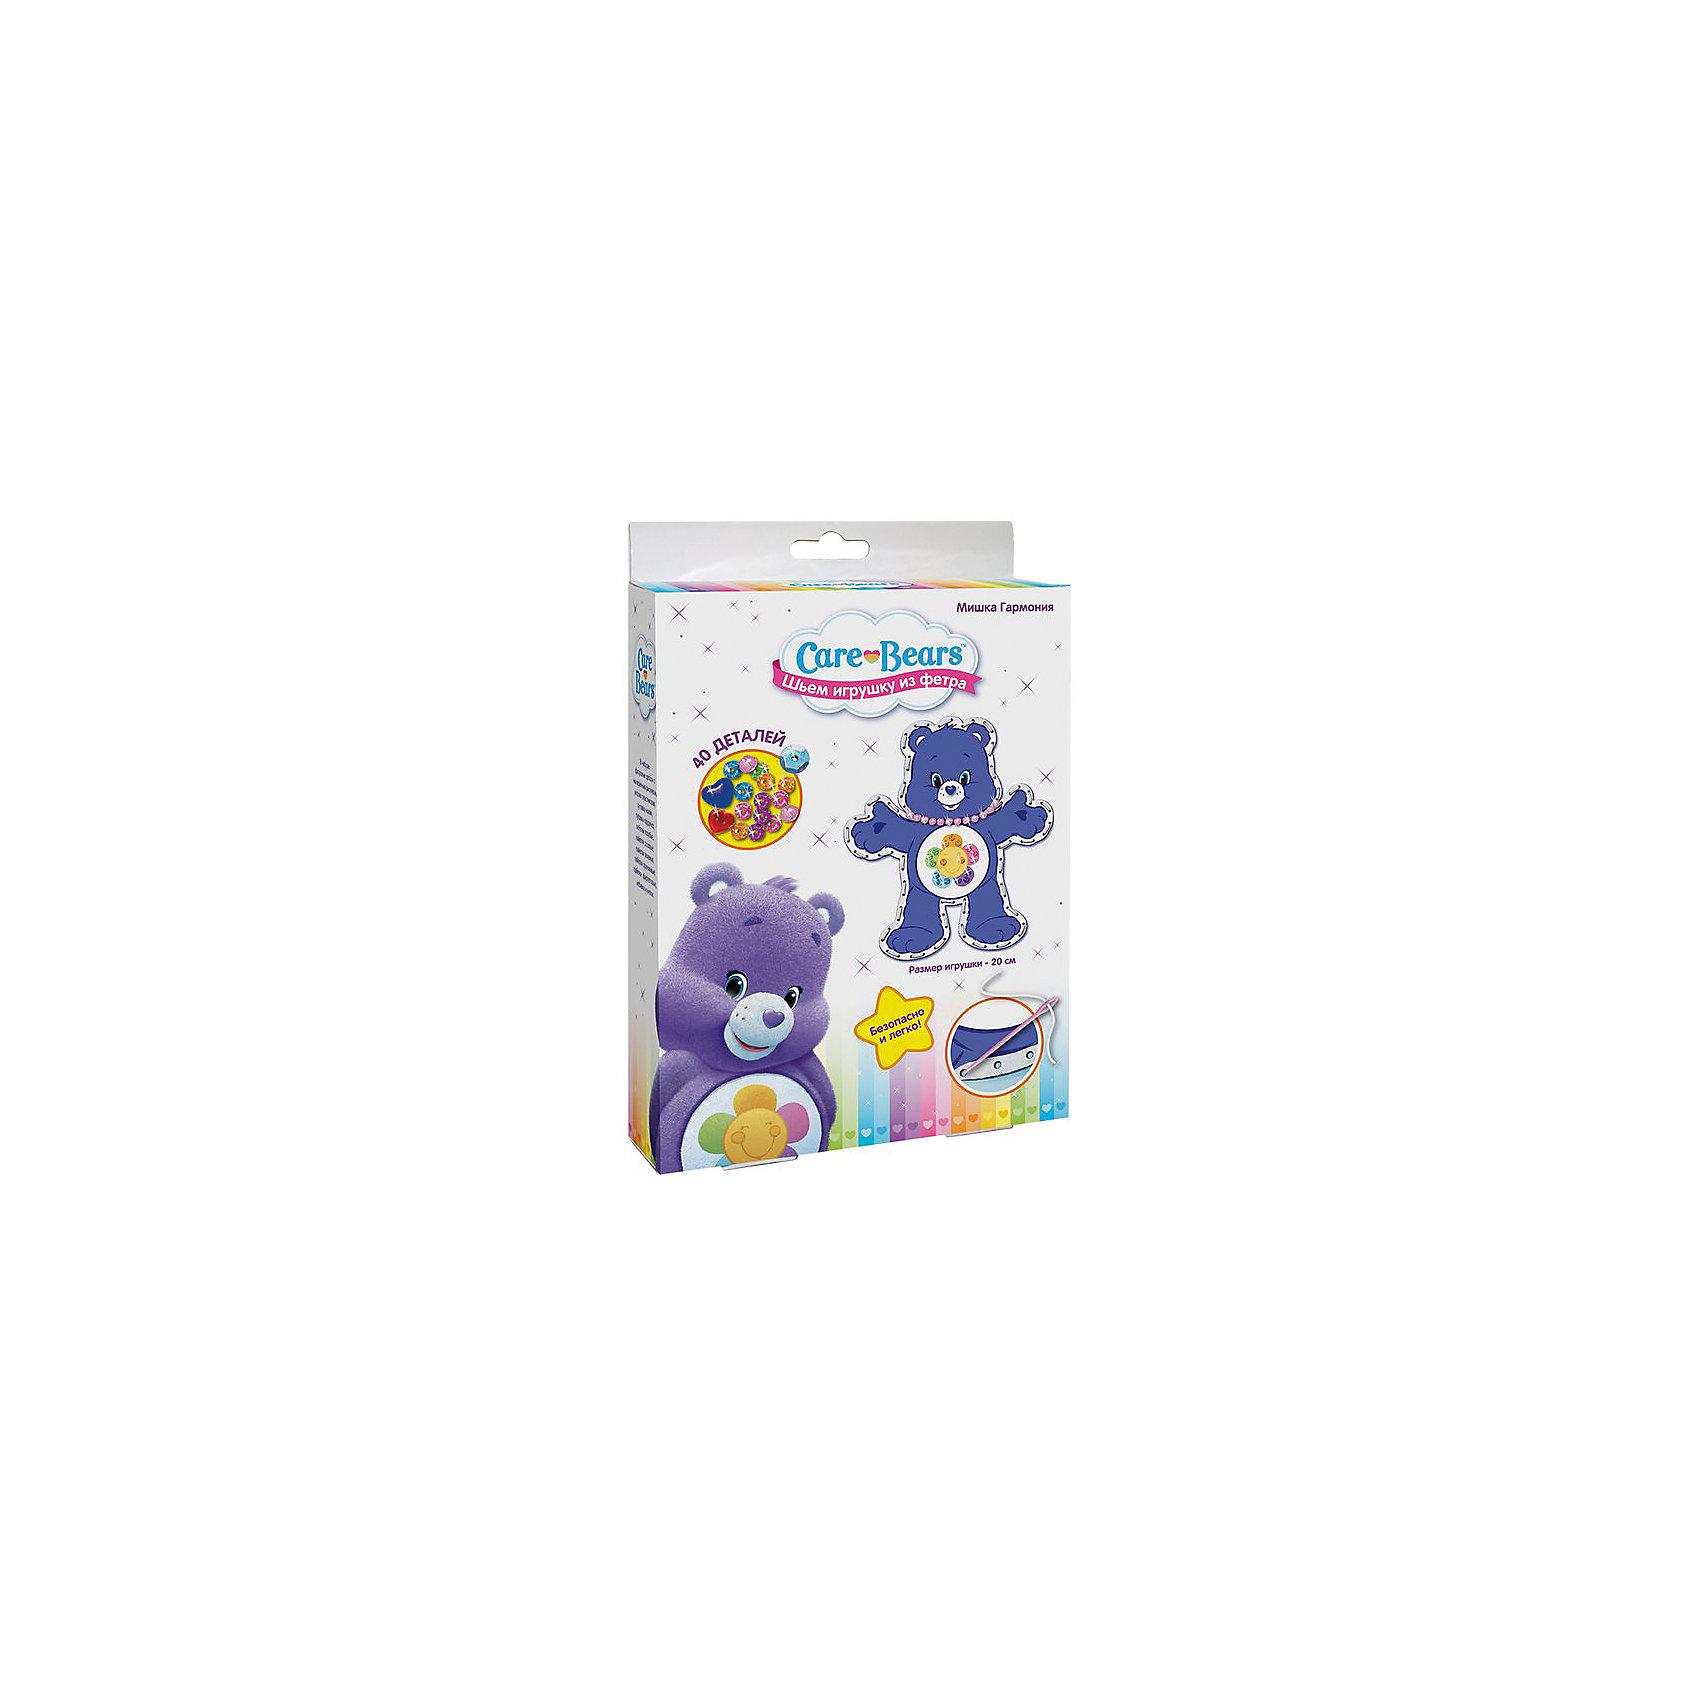 Шьем игрушку из фетра Мишка Гармония, Заботливые мишкиШитьё<br>Характеристики товара:<br><br>• комплектация: 2 фетровые детали с нанесенным рисунком и перфорацией для стежков, пластиковая безопасная иголка, пуговка-носик, пуговка-сердечко, 5 цветов пайеток, набивка, нитки<br>• размер готовой игрушки: 20 см<br>• упаковка: коробка<br>• возраст: от 5 лет<br>• состав: пластик, текстиль<br>• страна бренда: Россия<br>• страна изготовитель: Китай<br><br>Украсьте фетровые детали блестящими пайетками, пришейте глазки и носик, а затем сложите выкройки белой стороной внутрь, совмещая контур фигурки. Вденьте нитку в иголку и начните обшивать контур туловища, набивая сначала ручки и ножки. Постепенно наполняйте всю игрушку и, закончив, закрепите нить узелком. <br><br>В наборе для шитья игрушки из фетра Мишка Гармония TM Care Bears 40 деталей: 2 фетровые детали с нанесенным рисунком и перфорацией для стежков, пластиковая безопасная иголка, пуговка-носик, пуговка-сердечко, 5 цветов пайеток (голубые, розовые, зеленые, оранжевые, фиолетовые), набивка, нитки. Детали легко сшиваются безопасной иголкой. Размер готовой игрушки: 20 см. <br><br>Шьем игрушку из фетра Мишка Гармония, Заботливые мишки, вы можете приобрести в нашем интернет-магазине.<br><br>Ширина мм: 230<br>Глубина мм: 170<br>Высота мм: 40<br>Вес г: 100<br>Возраст от месяцев: 60<br>Возраст до месяцев: 2147483647<br>Пол: Женский<br>Возраст: Детский<br>SKU: 5453386